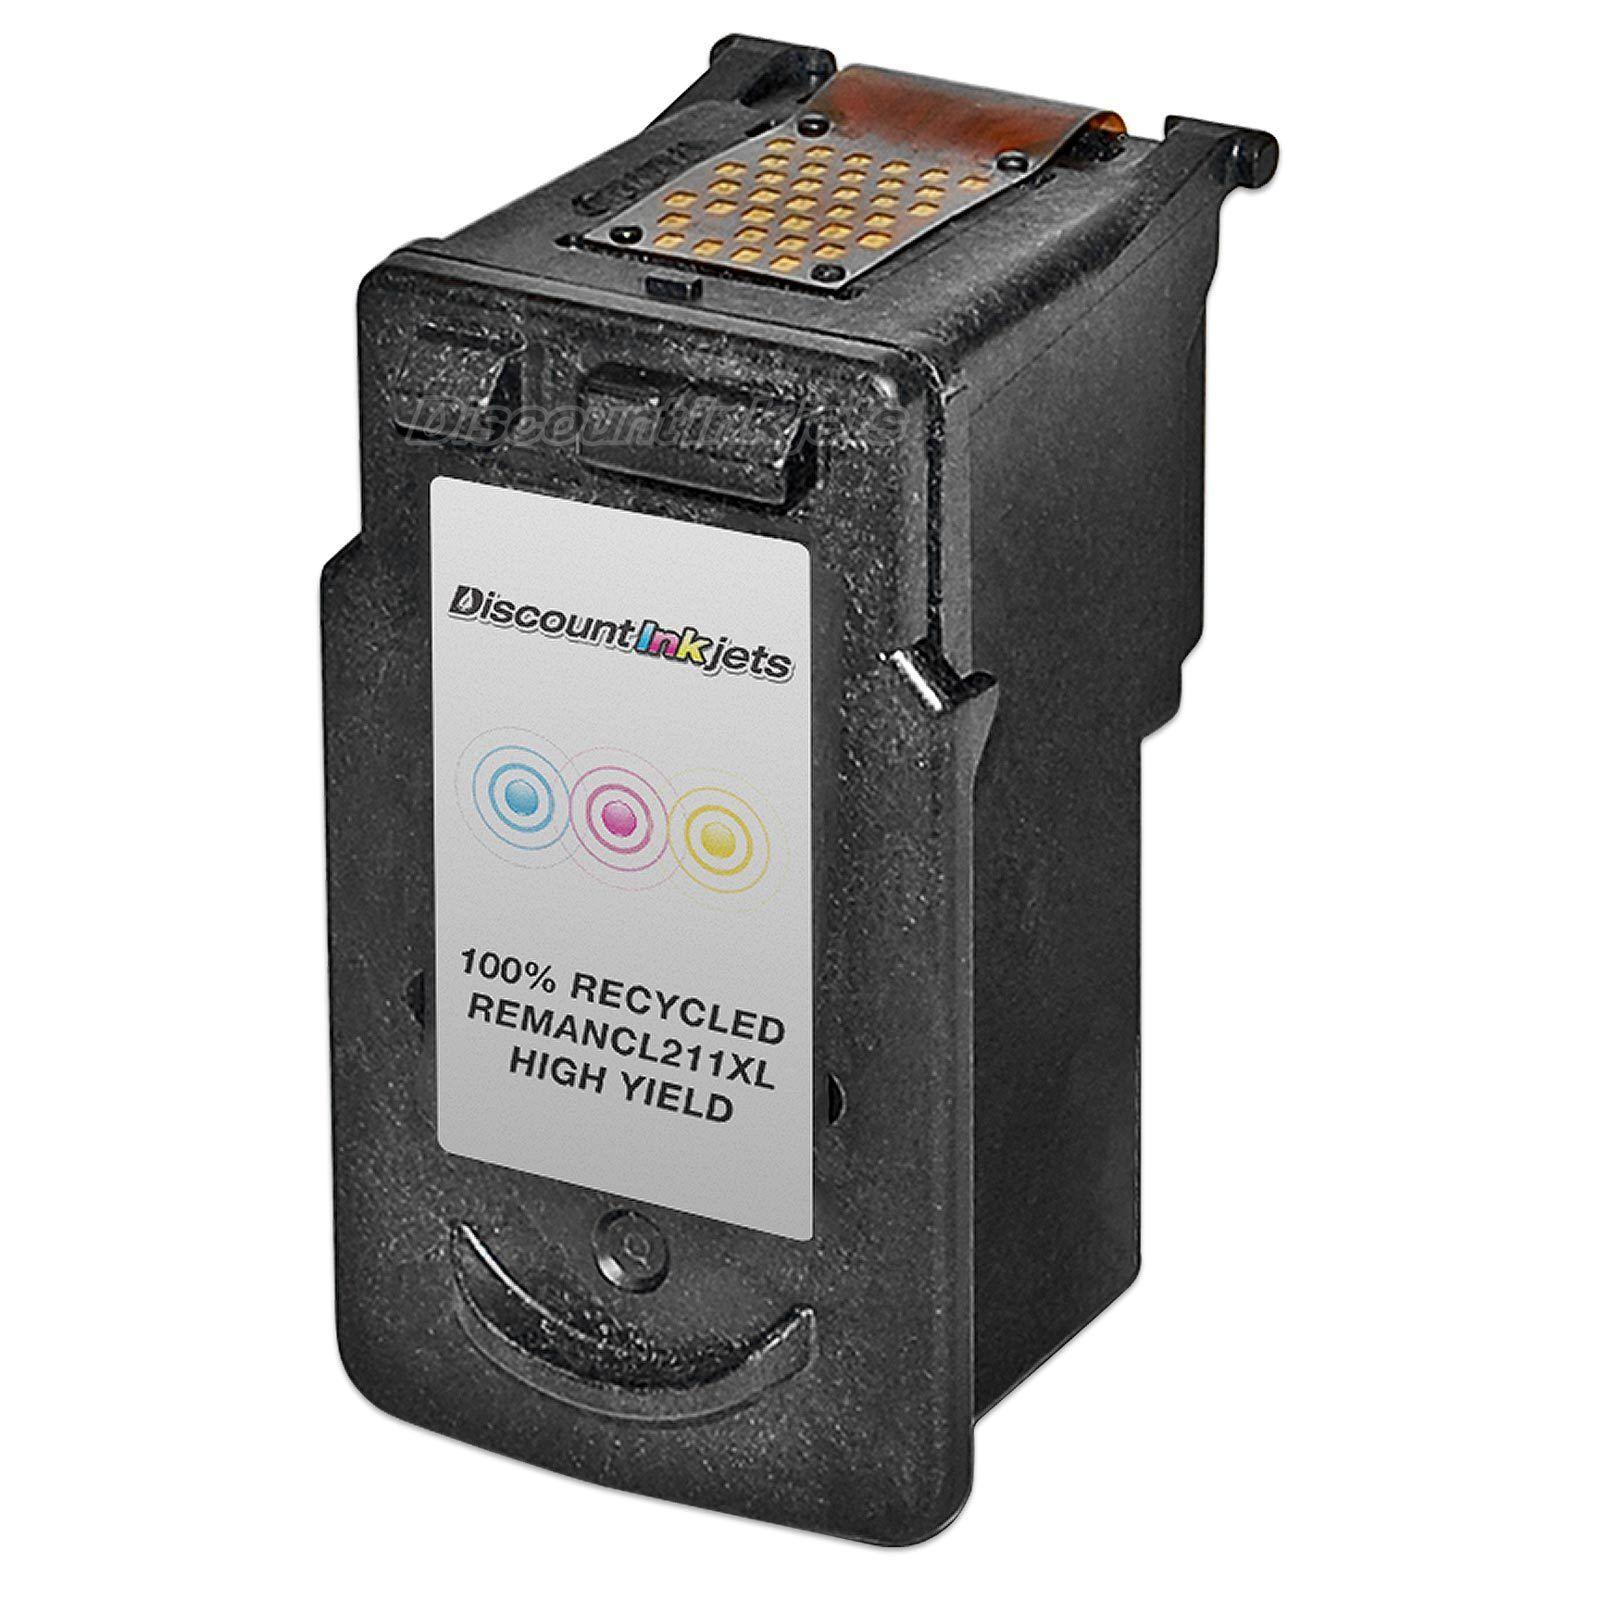 Compatible Printers Canon PIXMA IP2700 IP2702 MP240 MP250 MP270 MP280 MP480 MP490 MP495 MP499 MX320 MX330 MX340 MX350 MX360 MX410